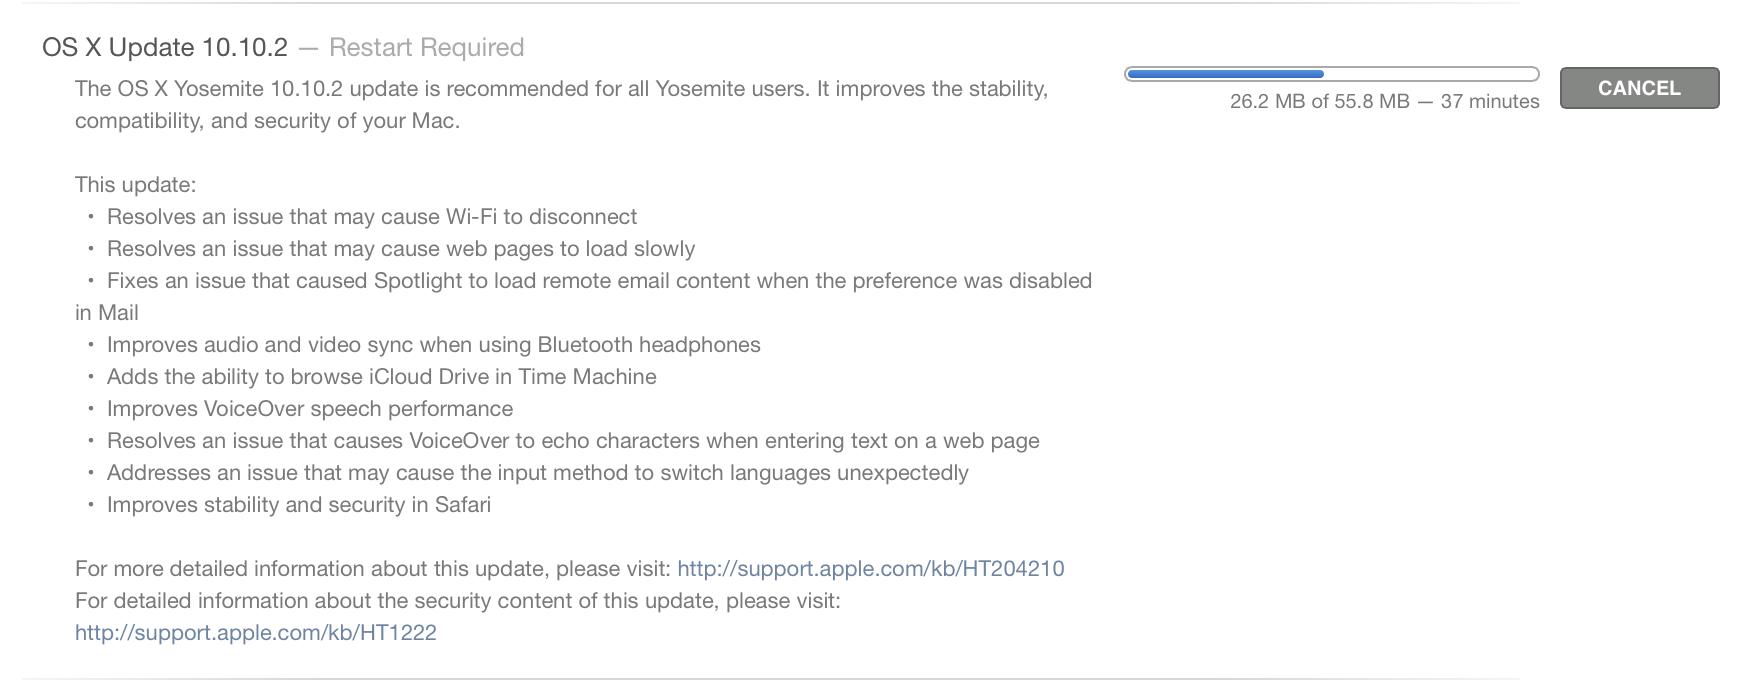 update Yosemite 10.10.2